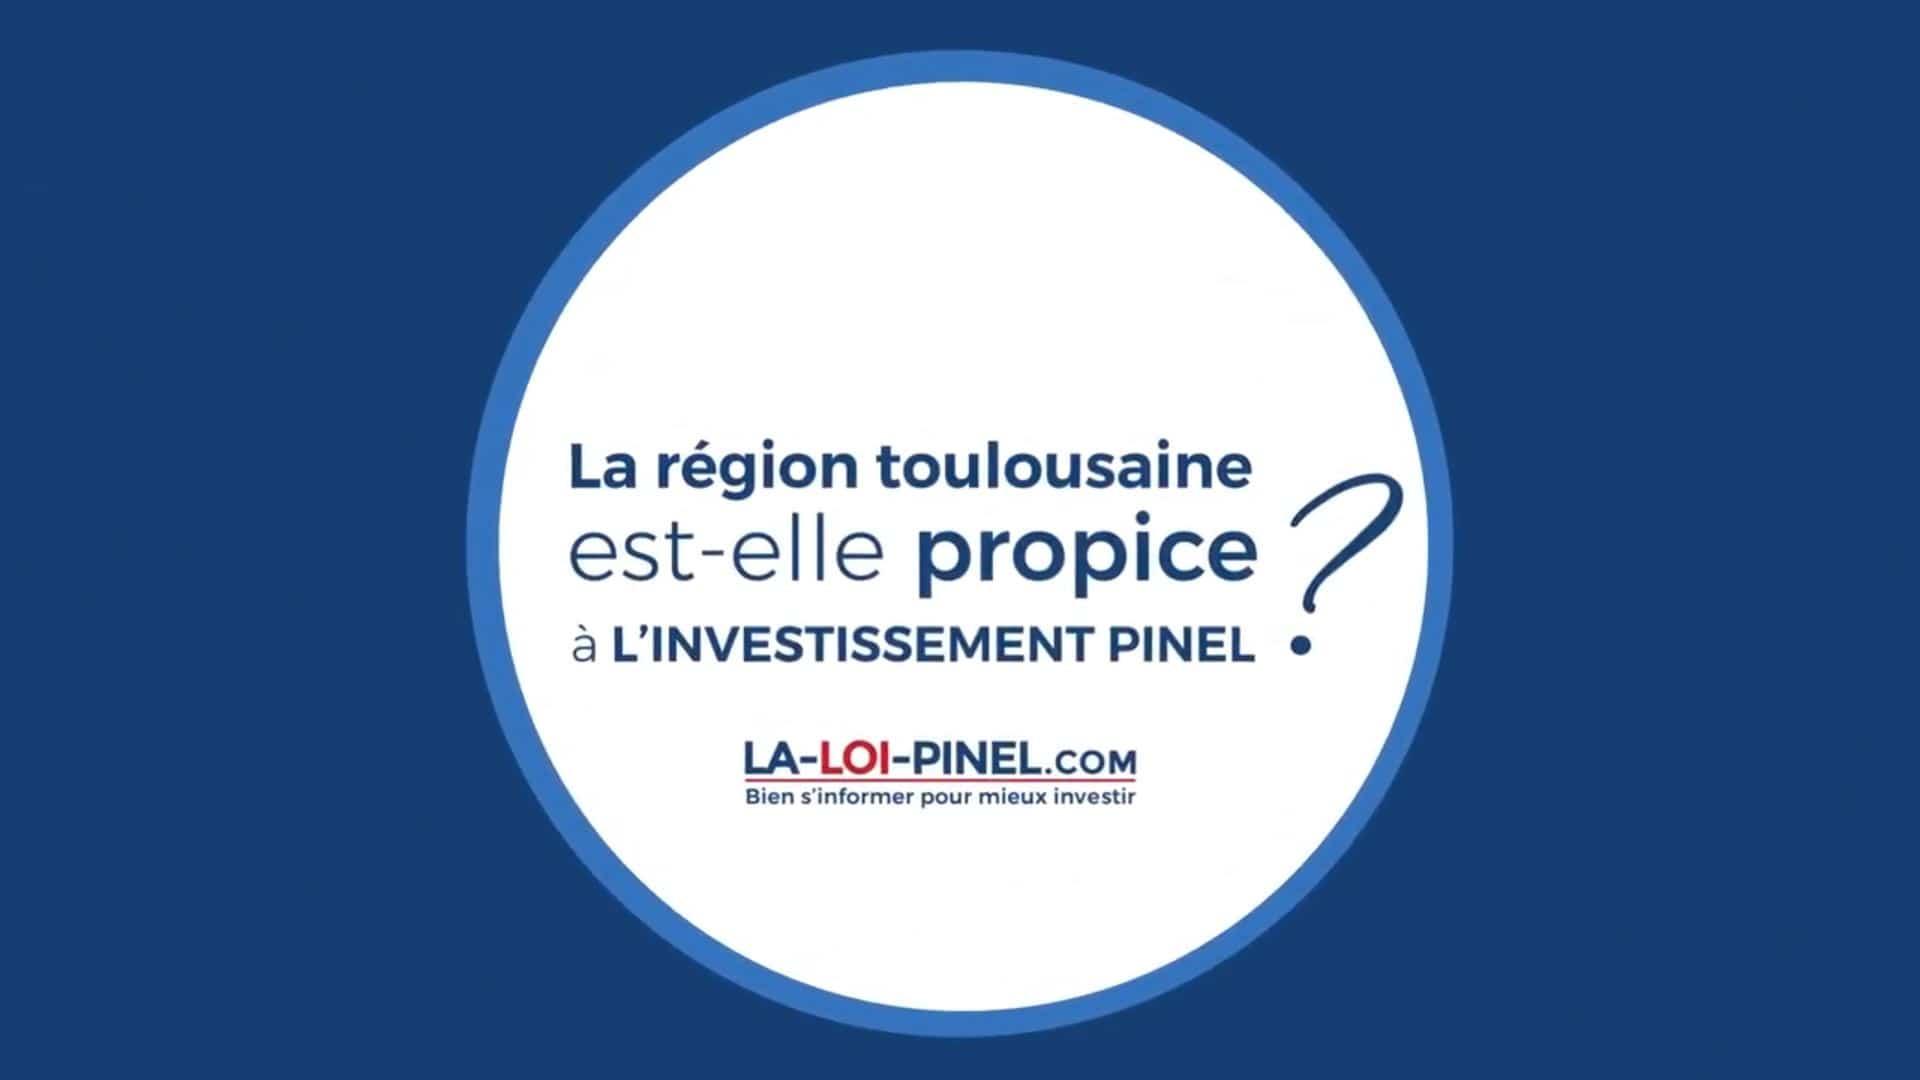 Est-il intéressant d'investir en Pinel à Toulouse ?